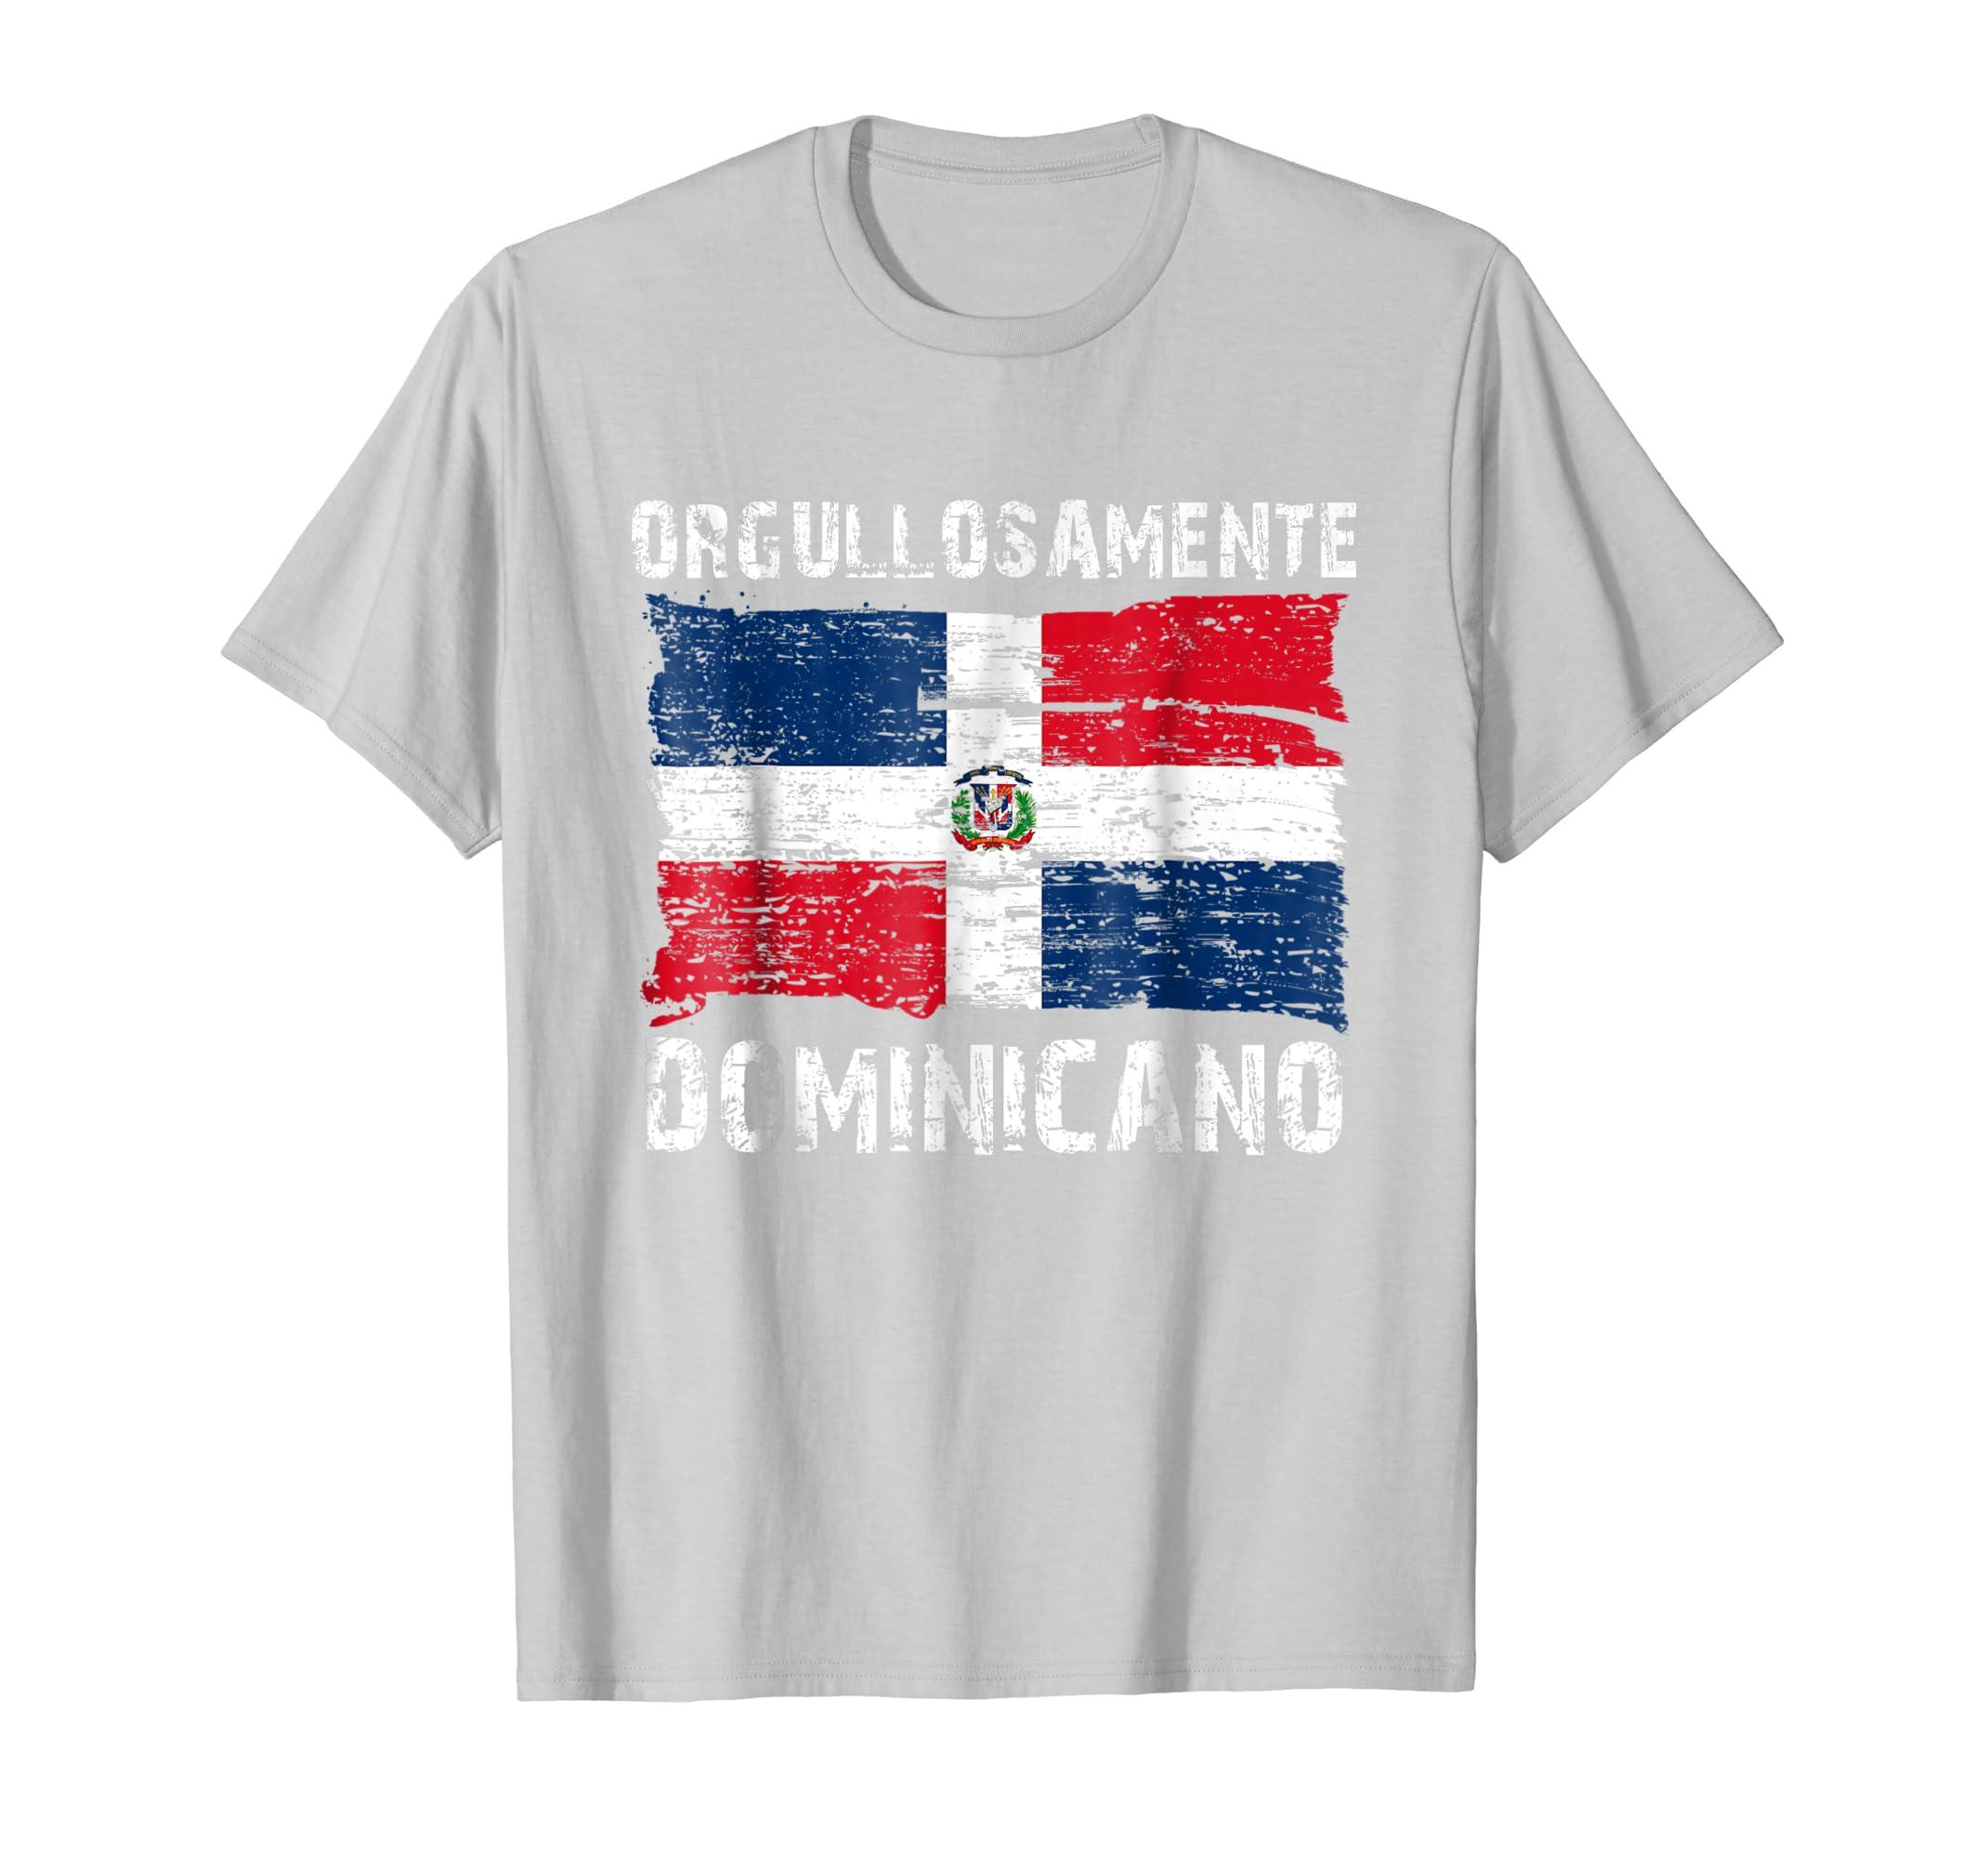 Amazon.com: Orgullosamente Dominicano camiseta para hombres y mujeres: Clothing